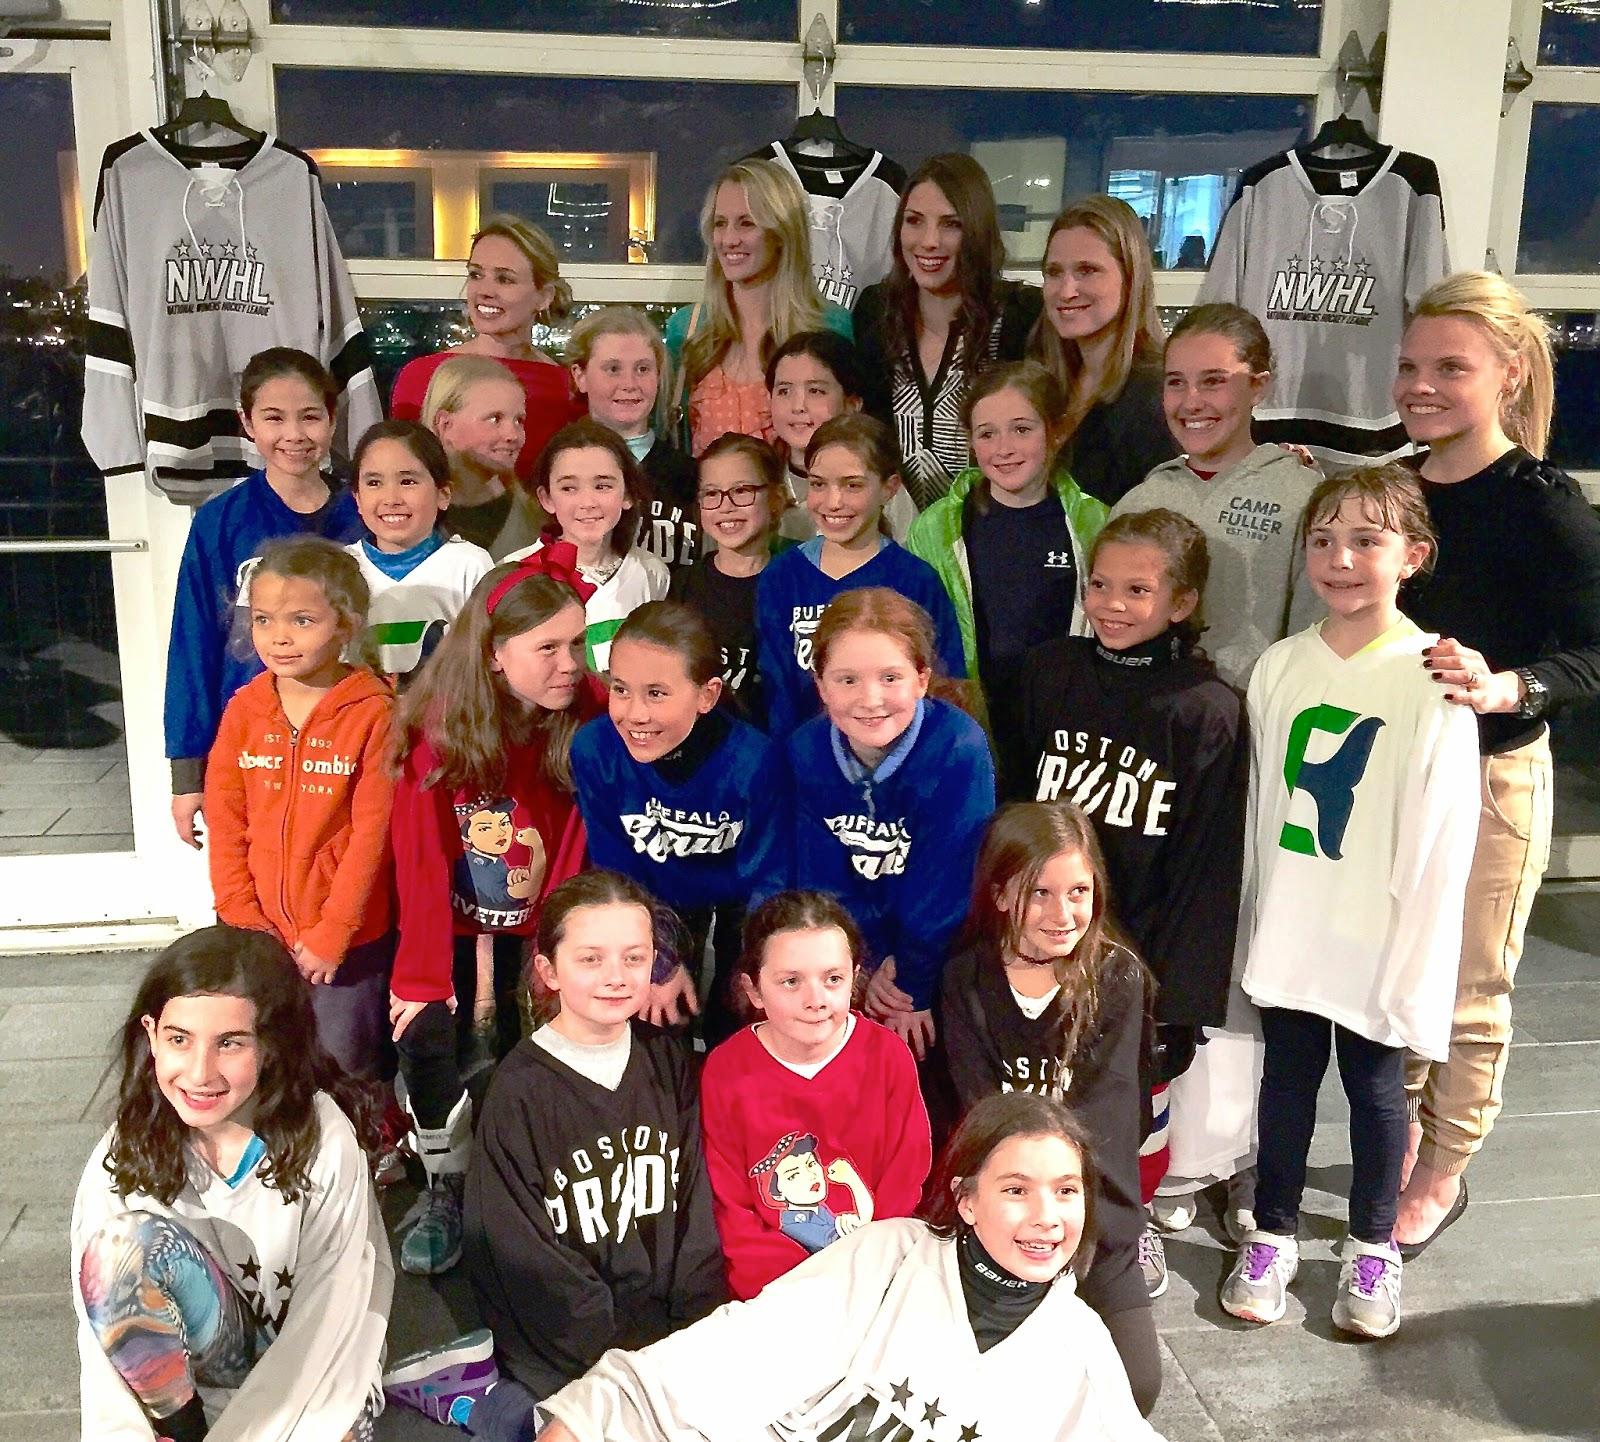 hockey, NWHL, women's hockey